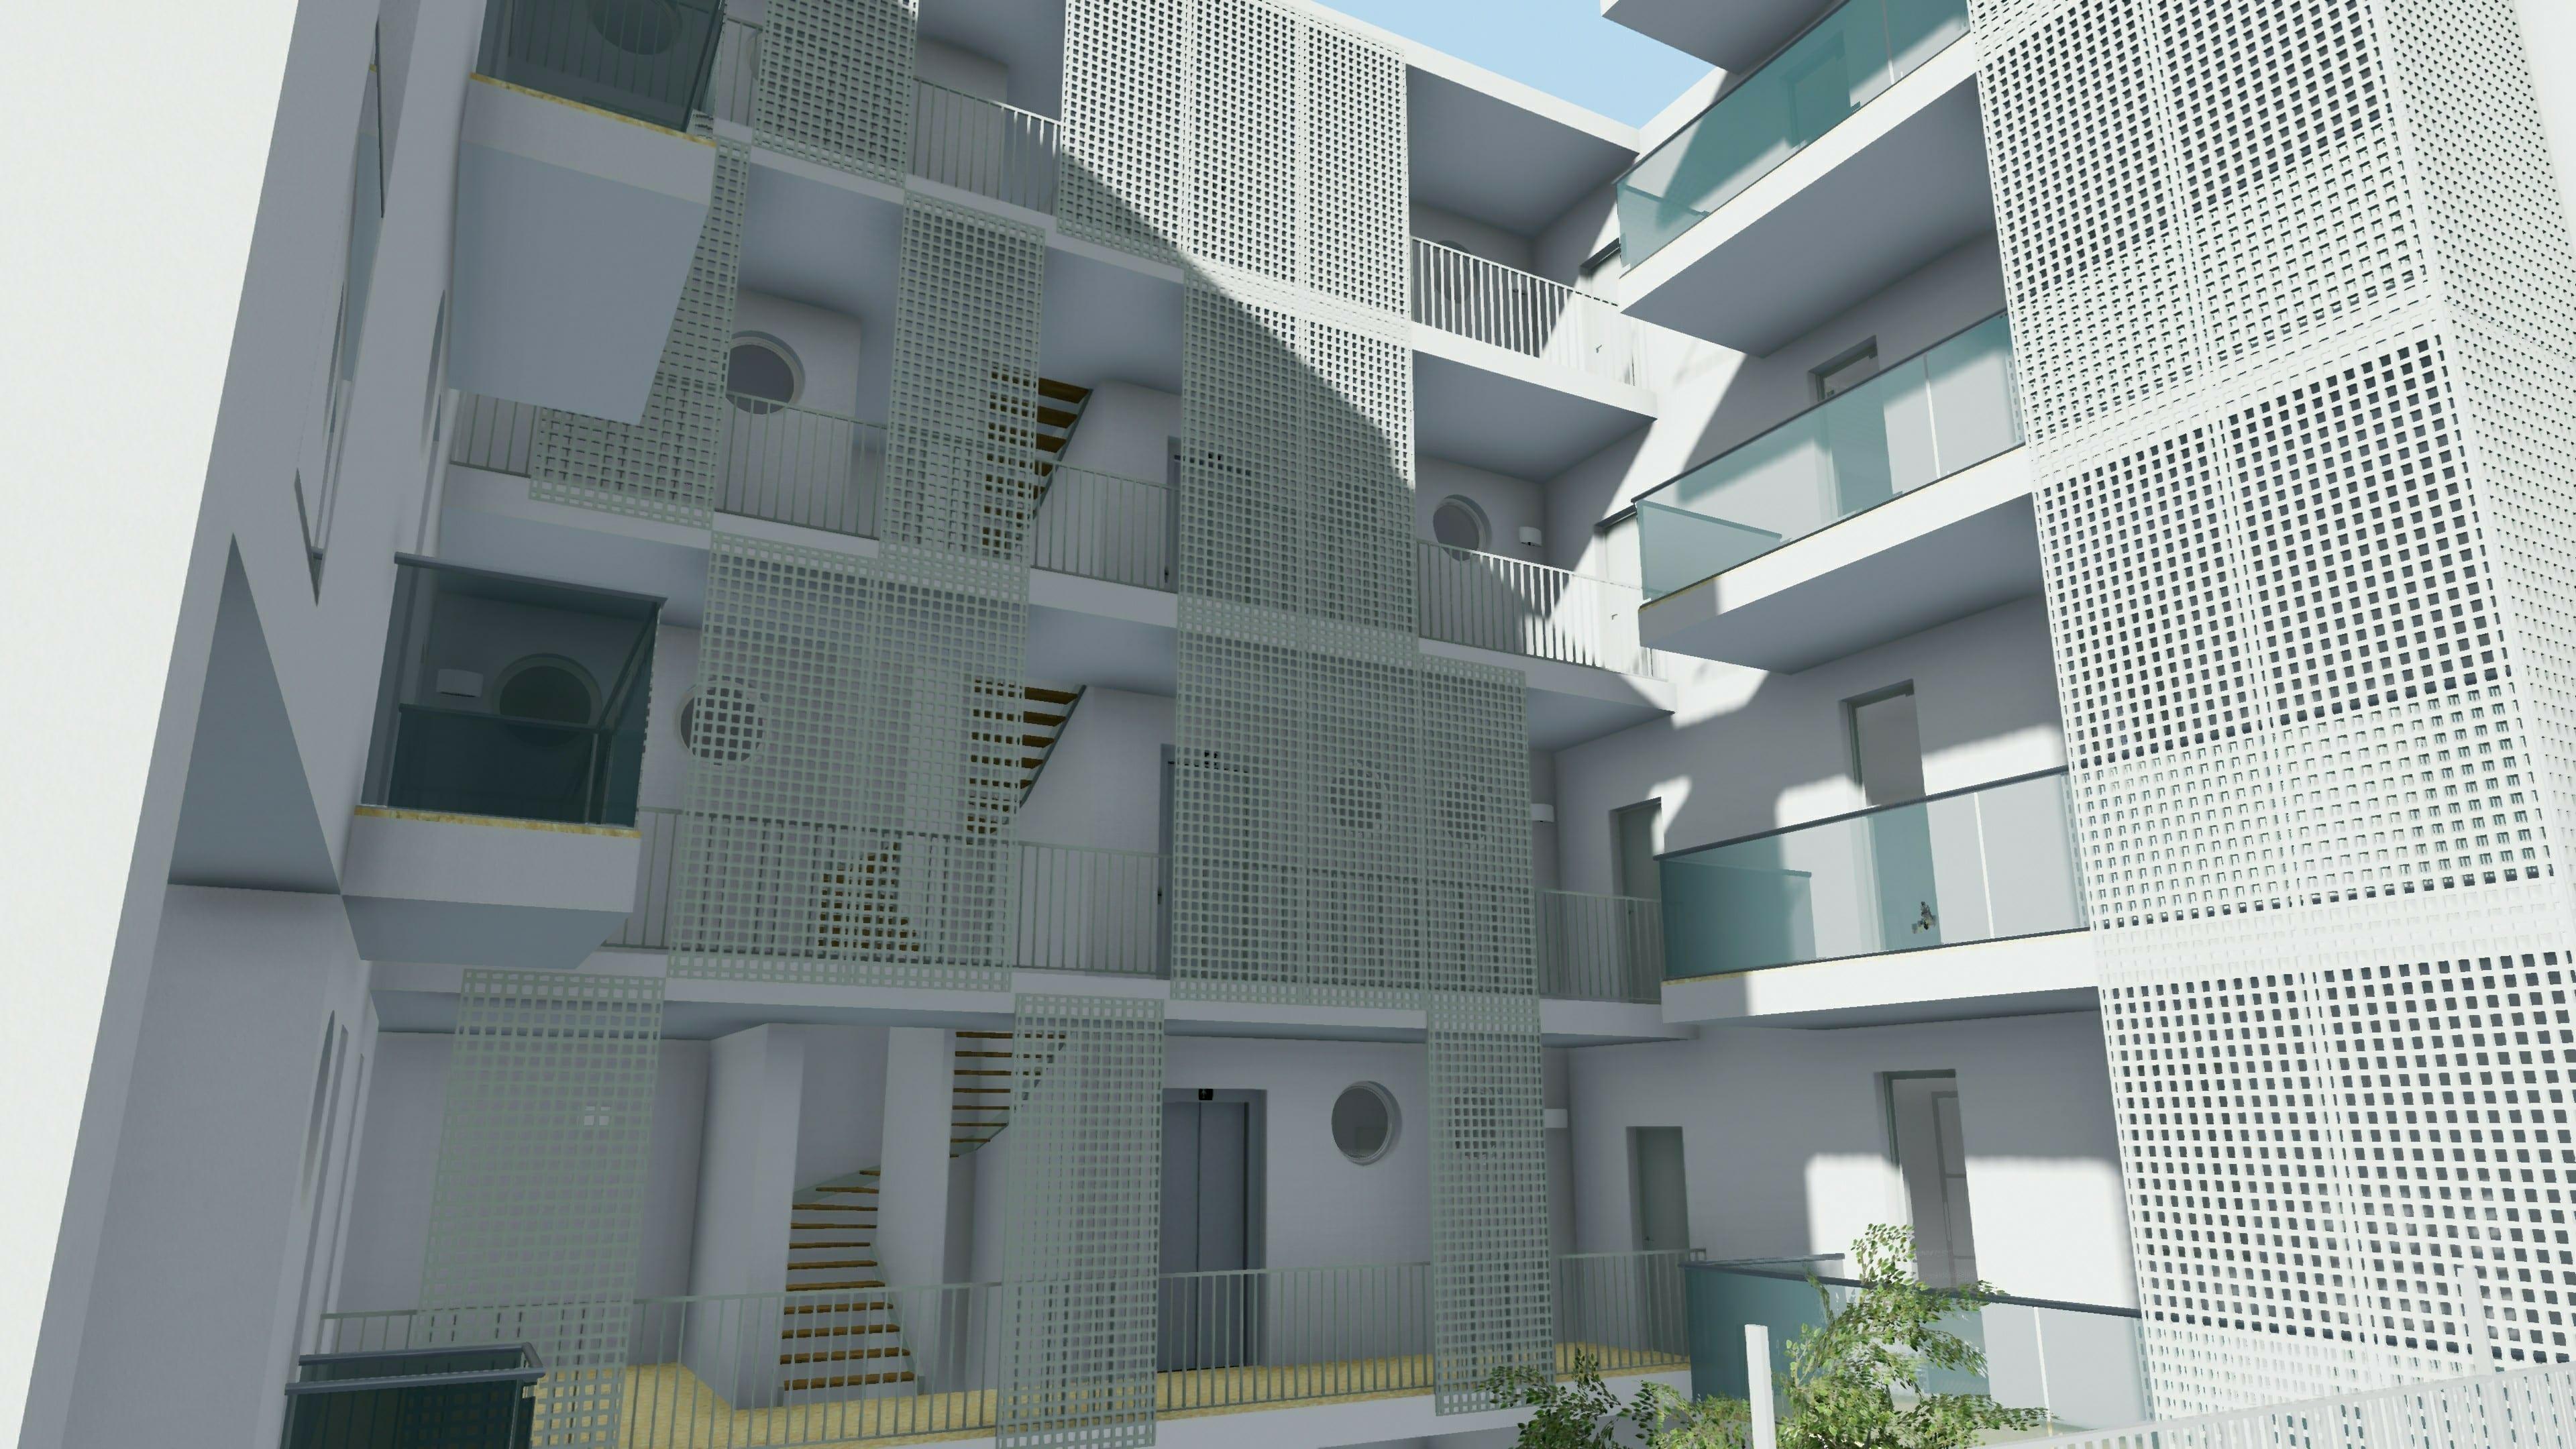 Casa di ringhiera progetti famosi disegni e modelli 3d for Case di architetti moderni